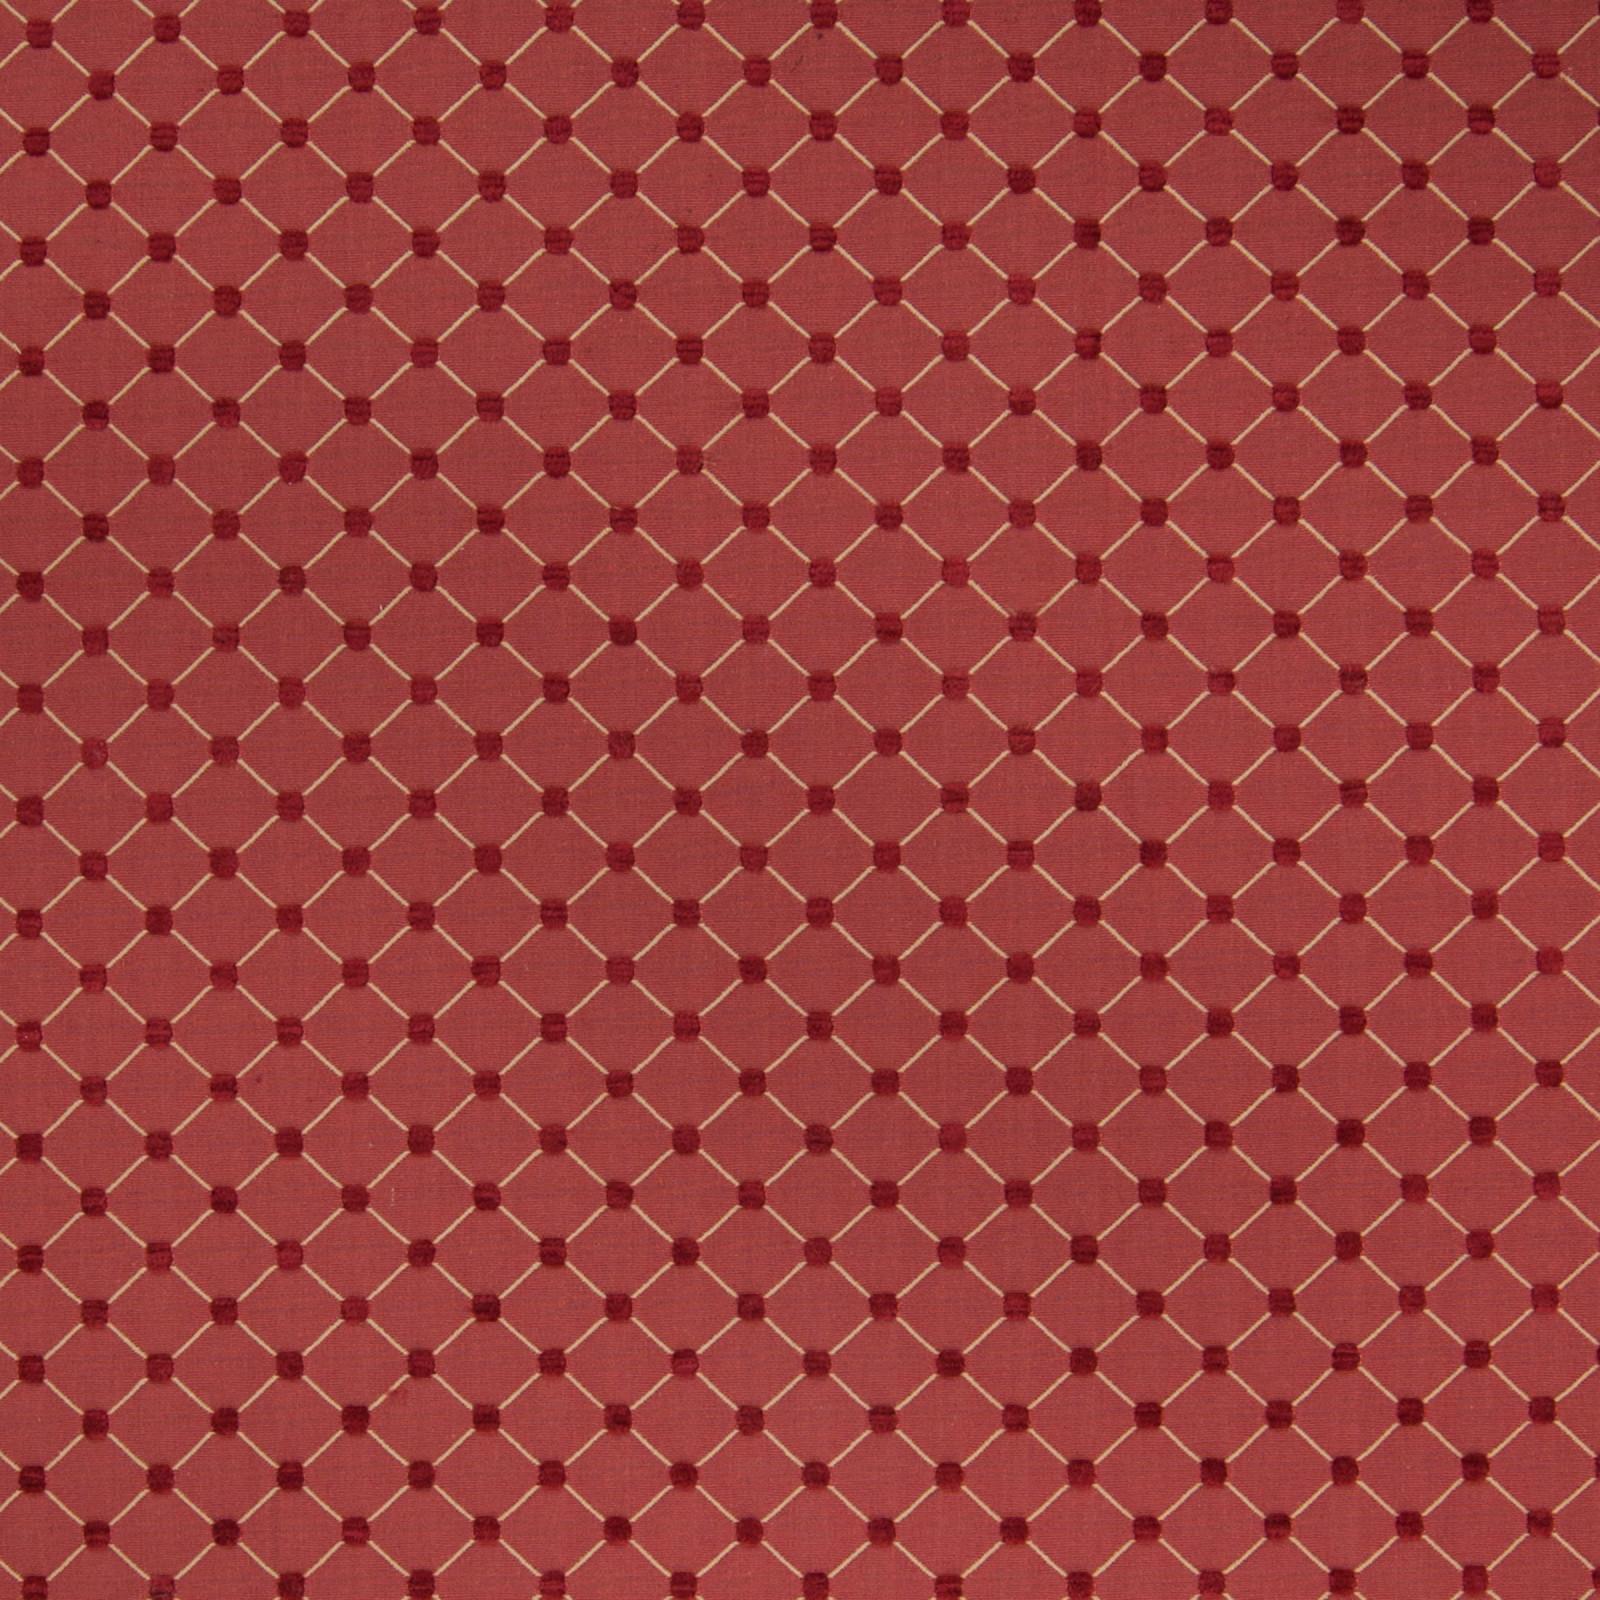 B4981 Lacquer Greenhouse Fabrics